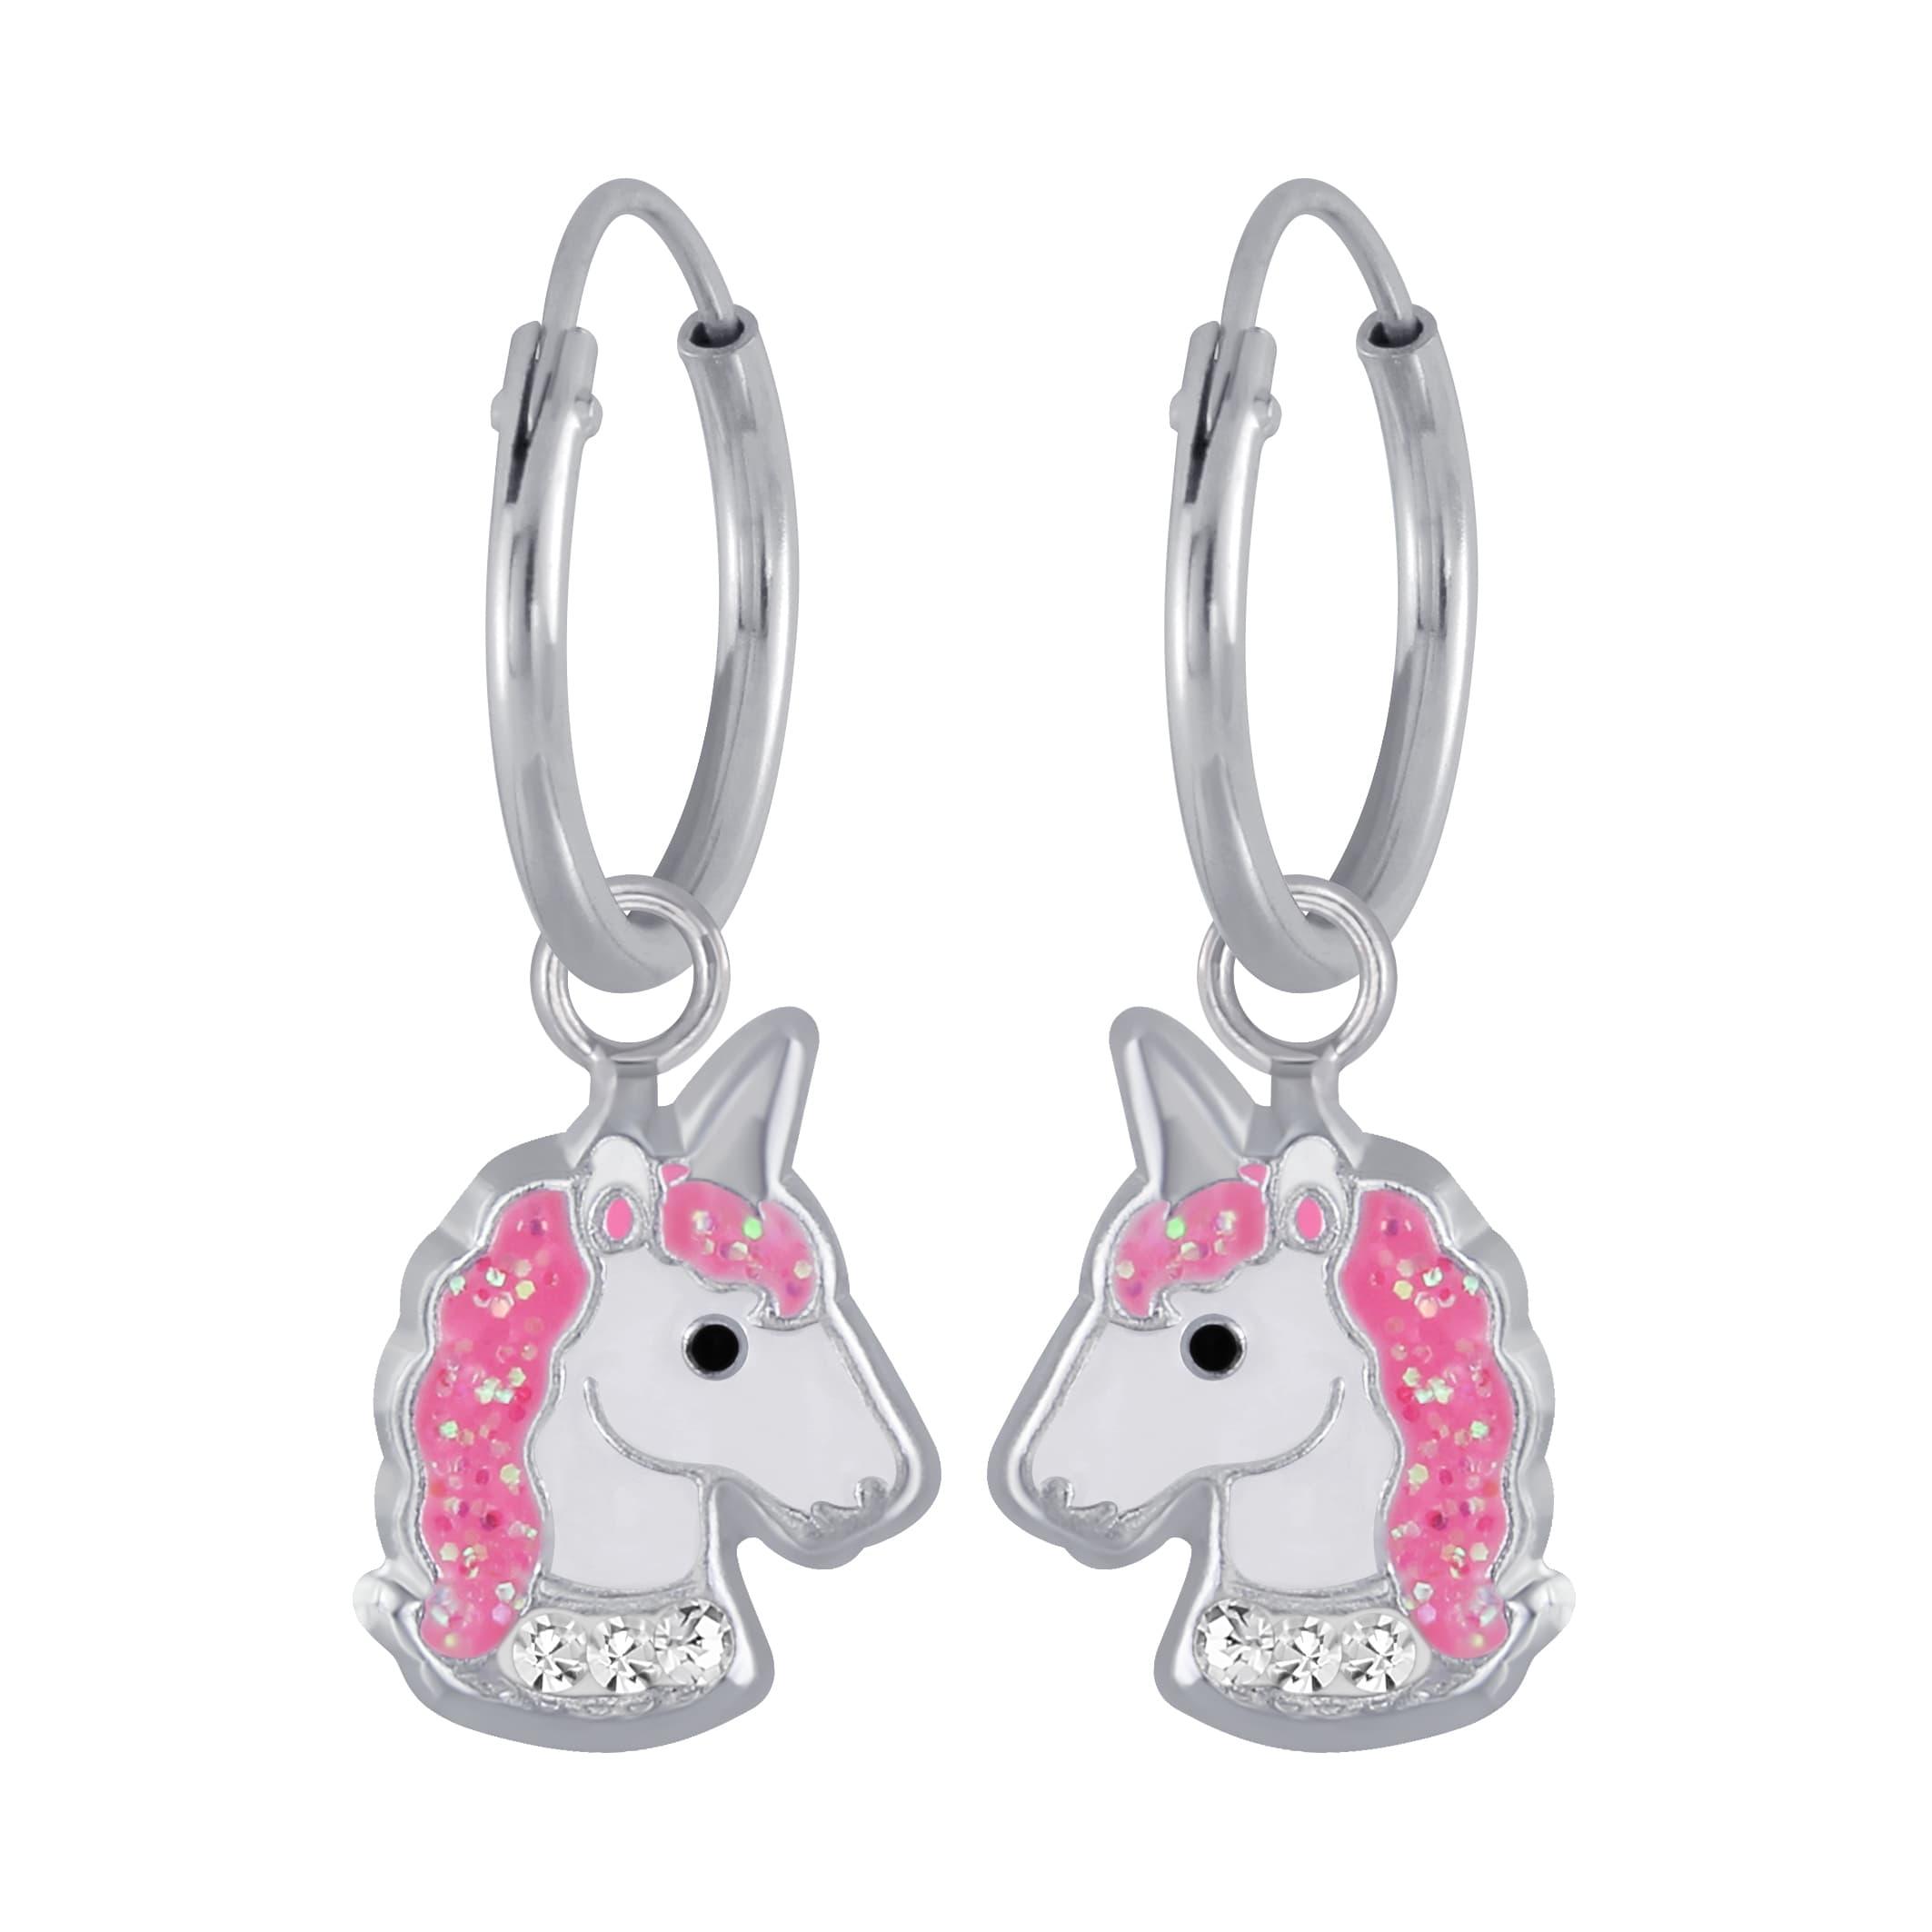 Zilveren unicorn oorbel met roze en kristal kleurige steentjes